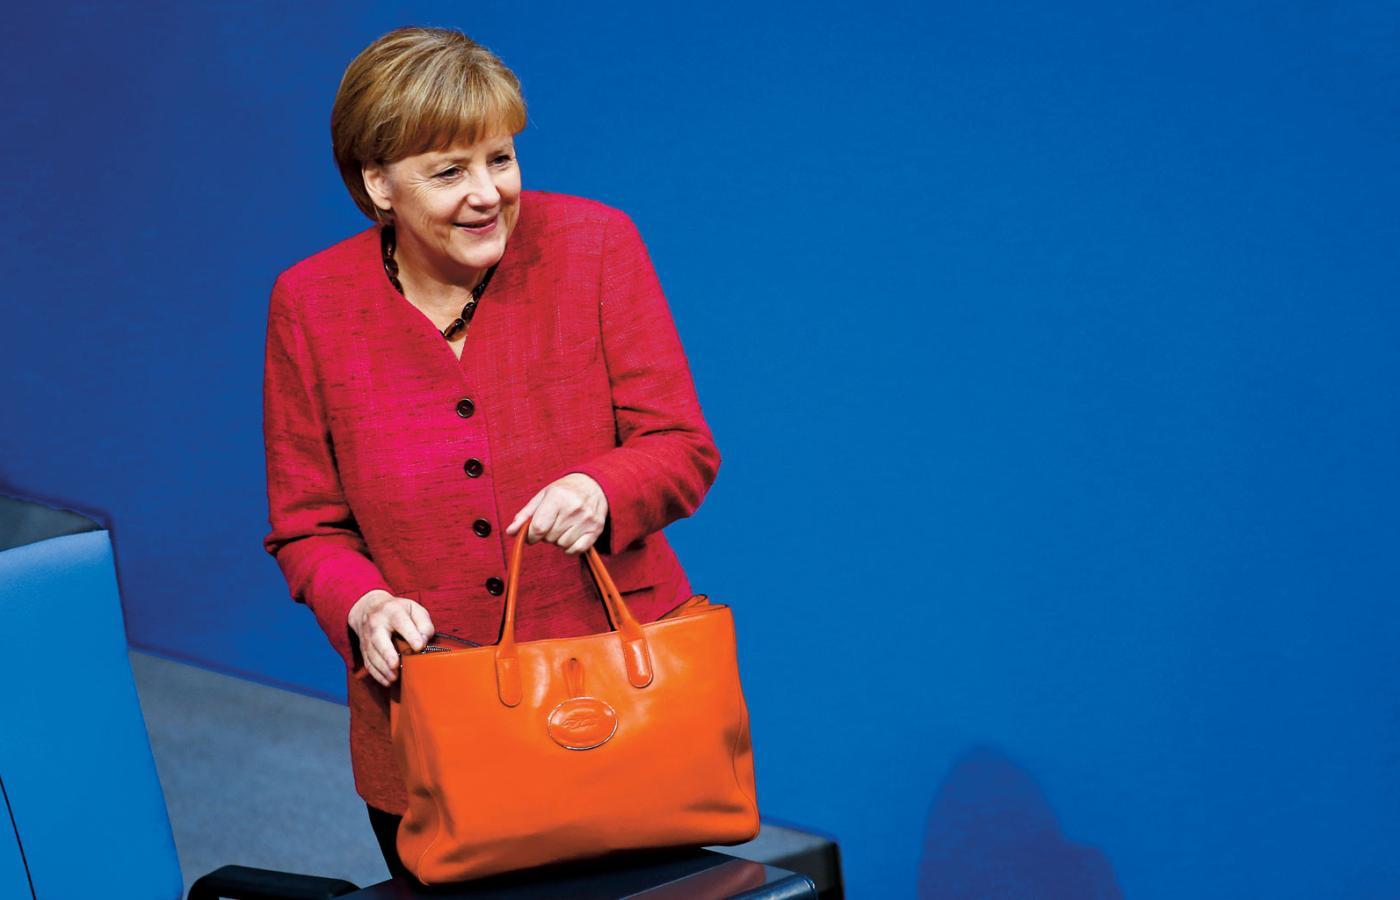 24f67865d36e3 ... ale też politycznej konsekwencji uchodzi Angela Merkel. Kanclerz  Niemiec przyrosła do garnituru o stałym kroju. Thomas Peter/Reuters / Forum